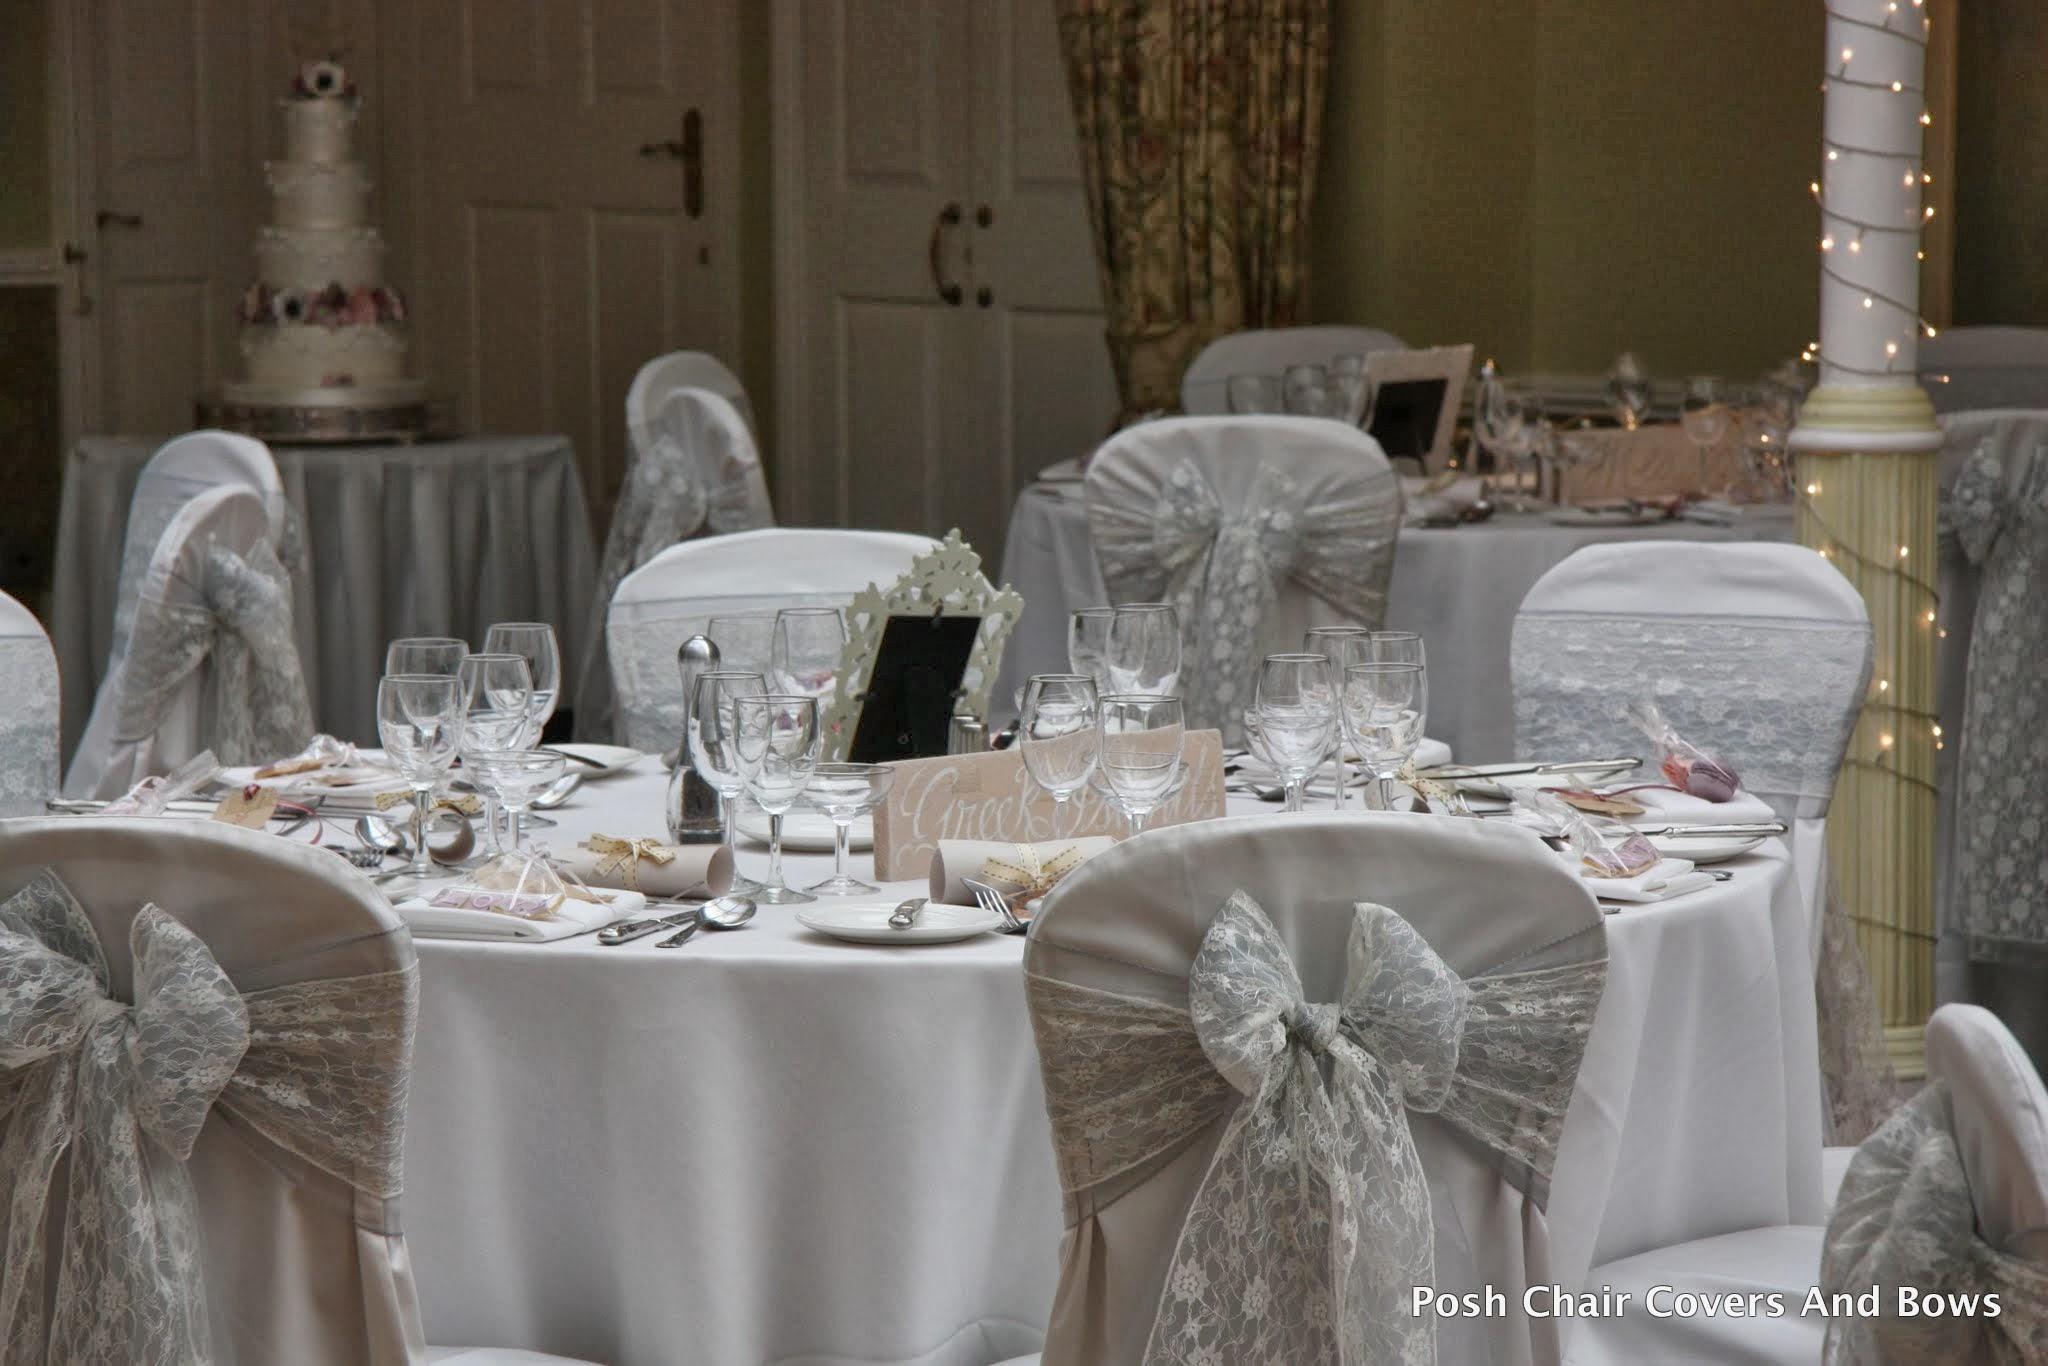 Fine Posh Chair Covers Bows Flower Wall Chiavari Chairs Machost Co Dining Chair Design Ideas Machostcouk